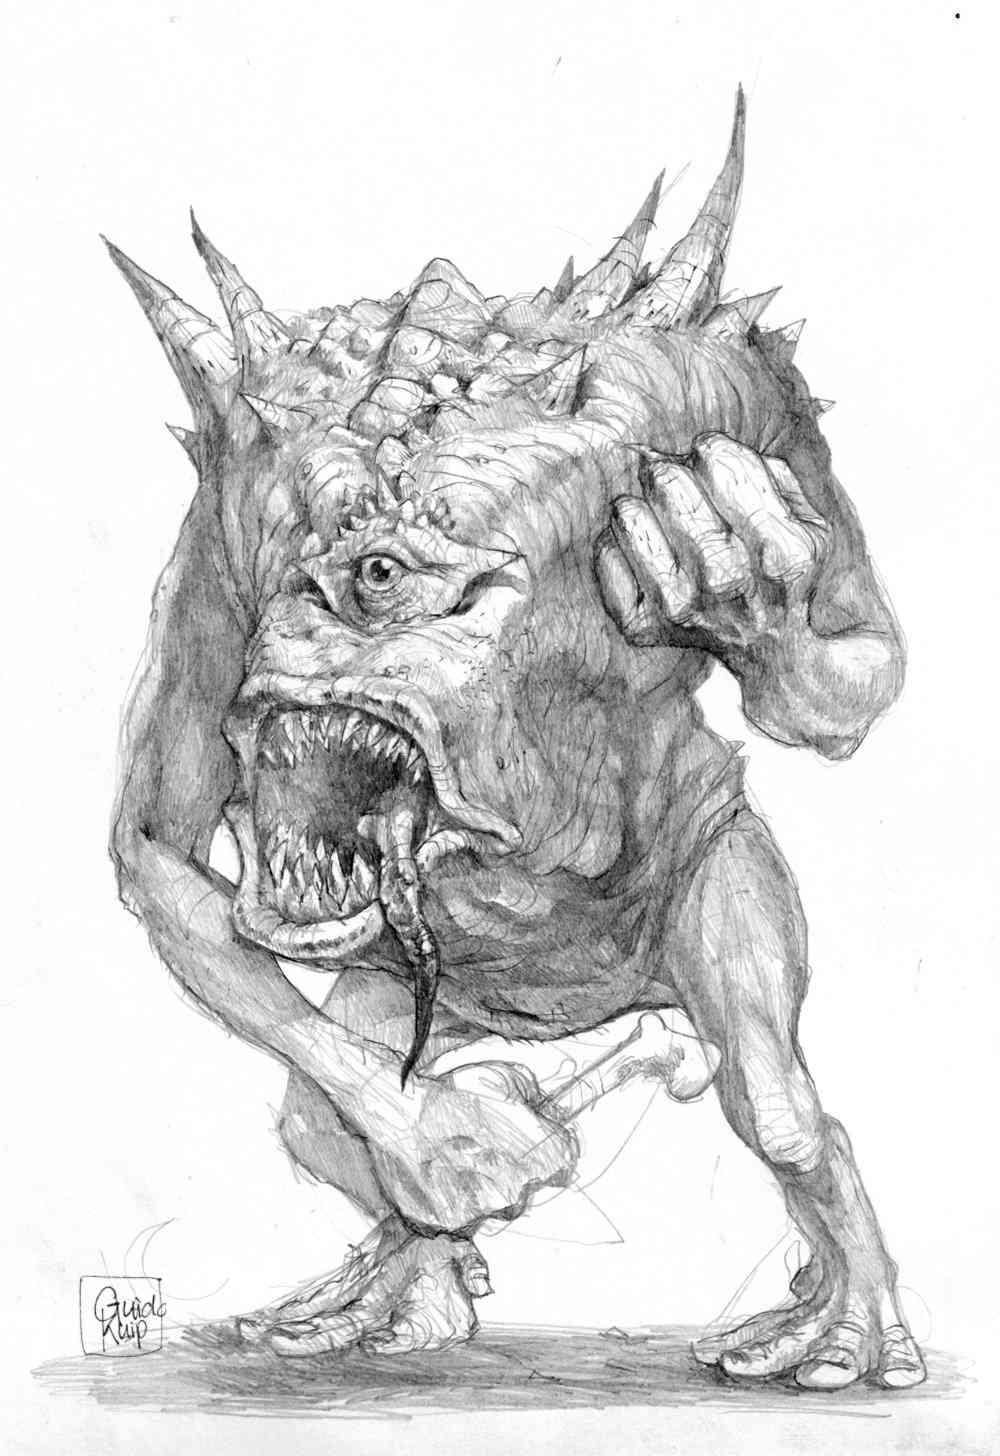 Critter s Ultra gump blaster mega pack ultimate post de monstros 4